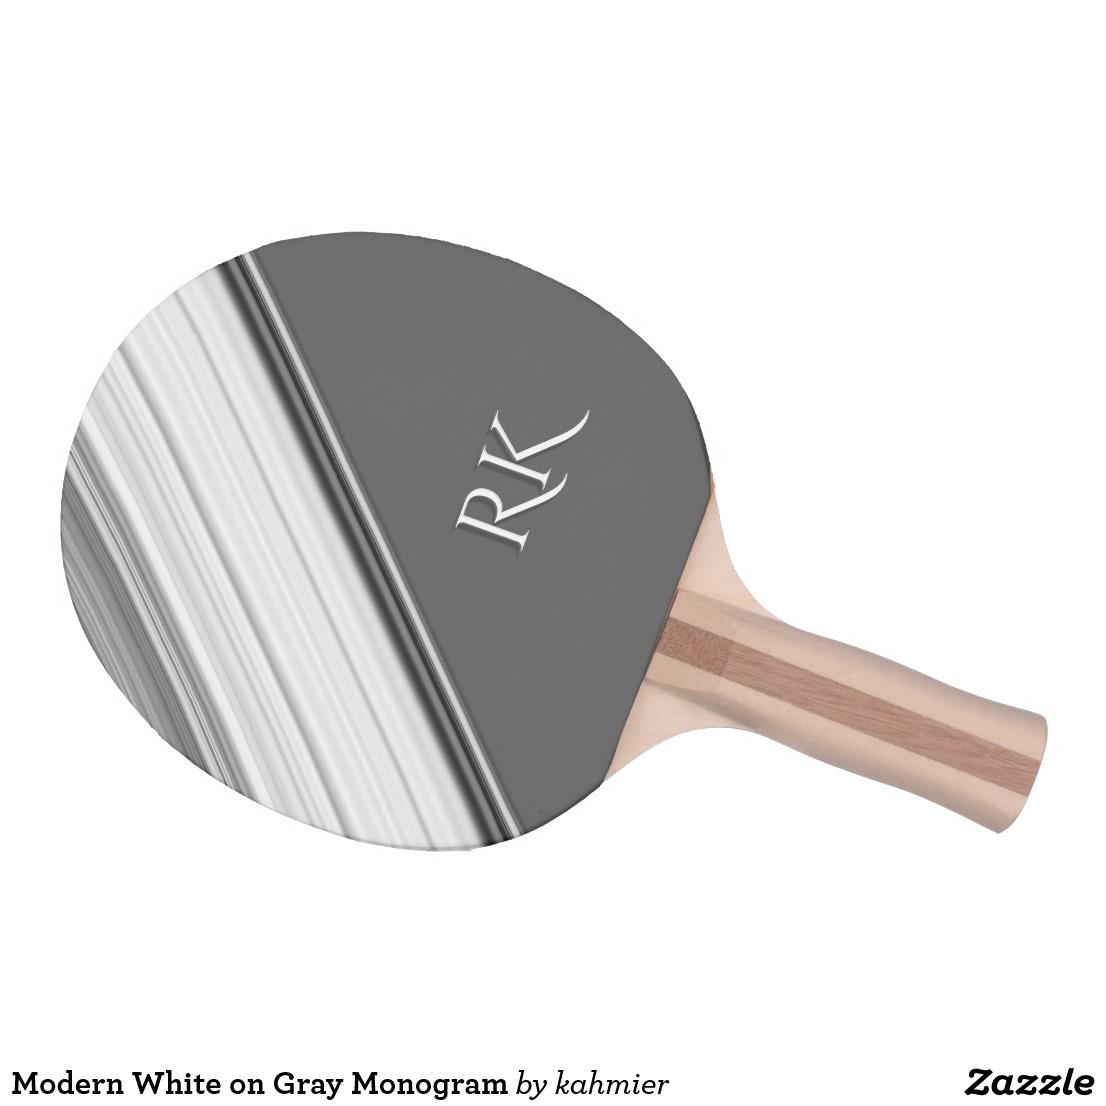 Modern White on Gray Monogram Ping Pong Paddle